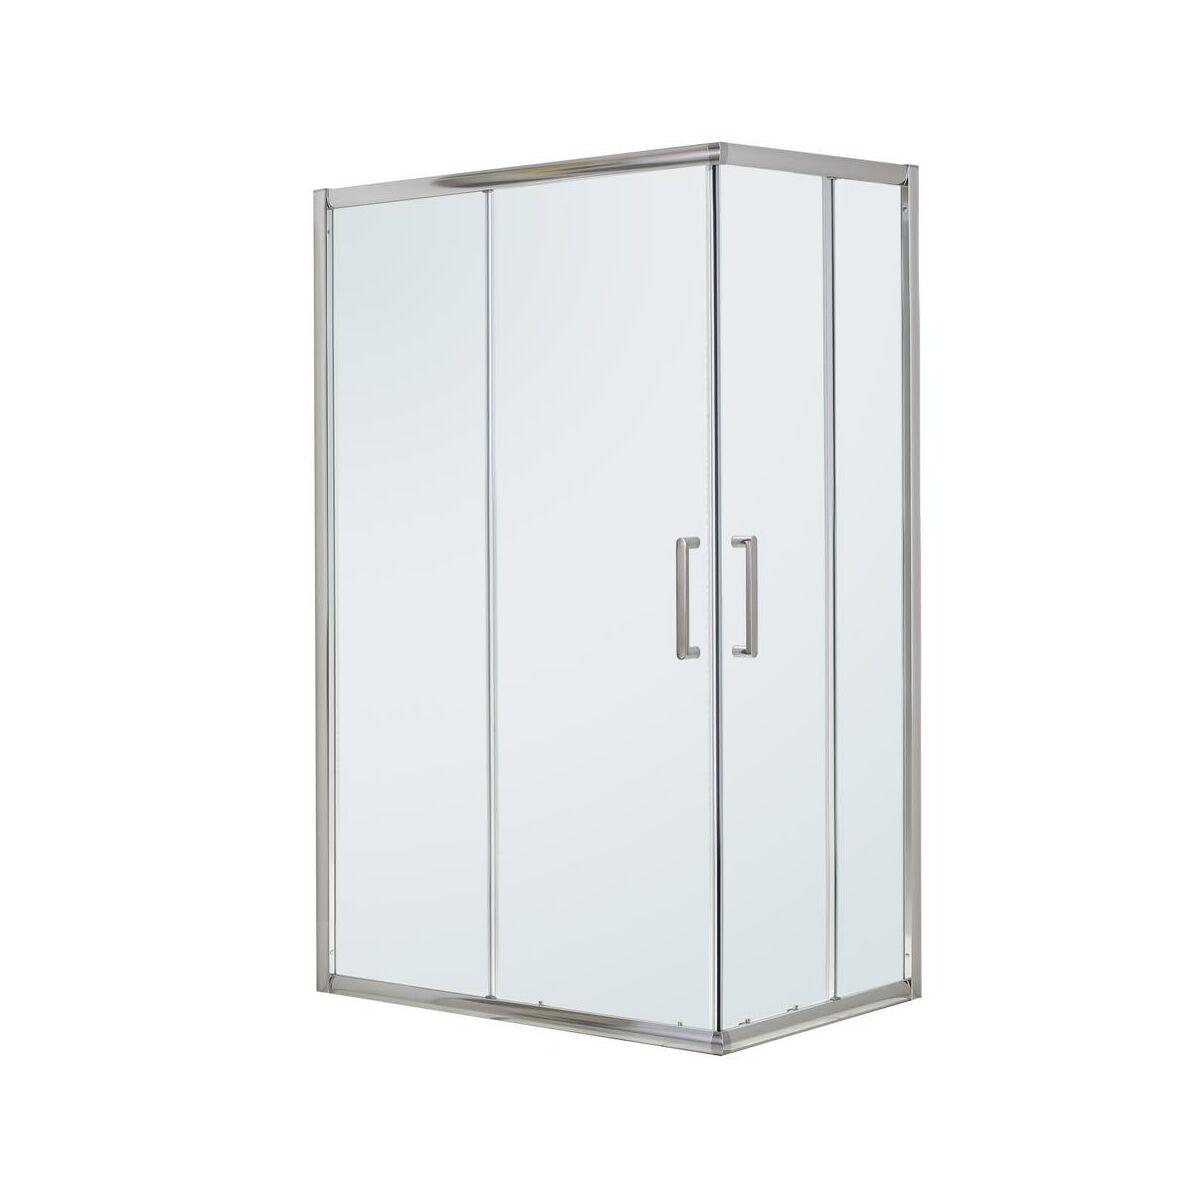 Kabina Prysznicowa 80 X 120 Cm Quad Sensea Kabiny Prysznicowe W Atrakcyjnej Cenie W Sklepach Leroy Merlin